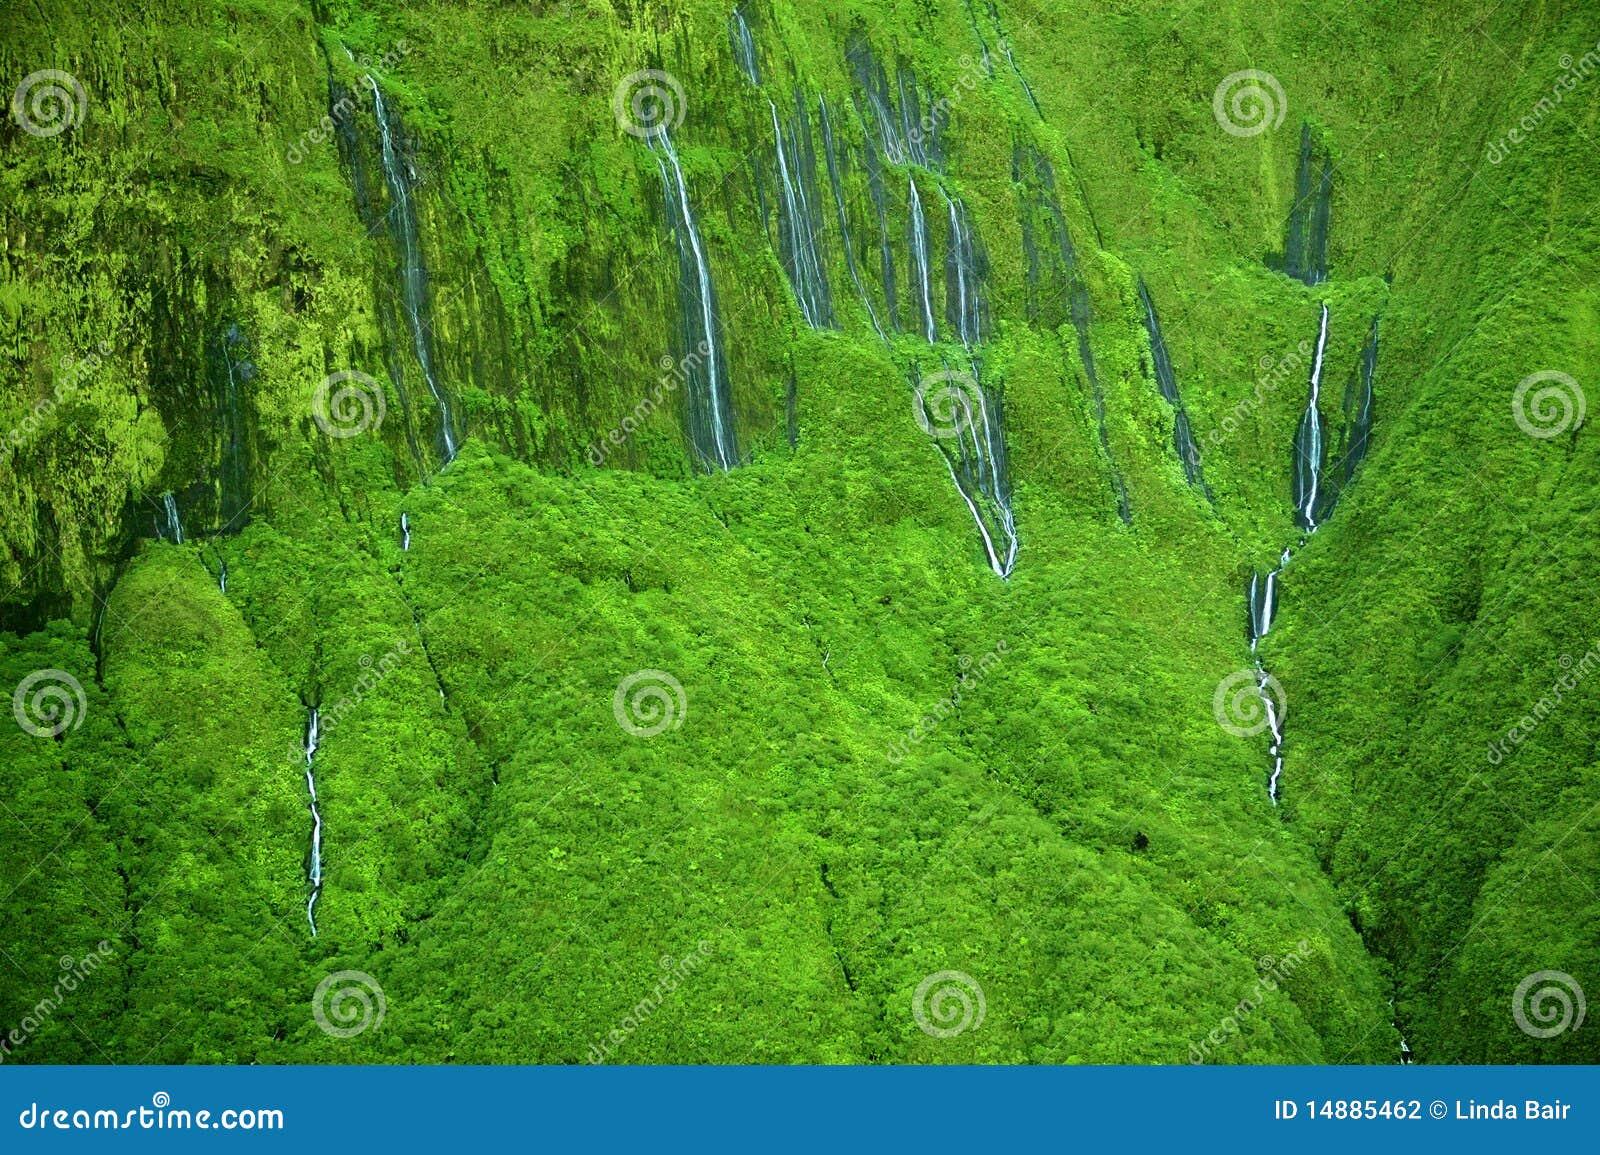 Καταρράκτες «τοίχων των δακρυ ων», Maui, Χαβάη